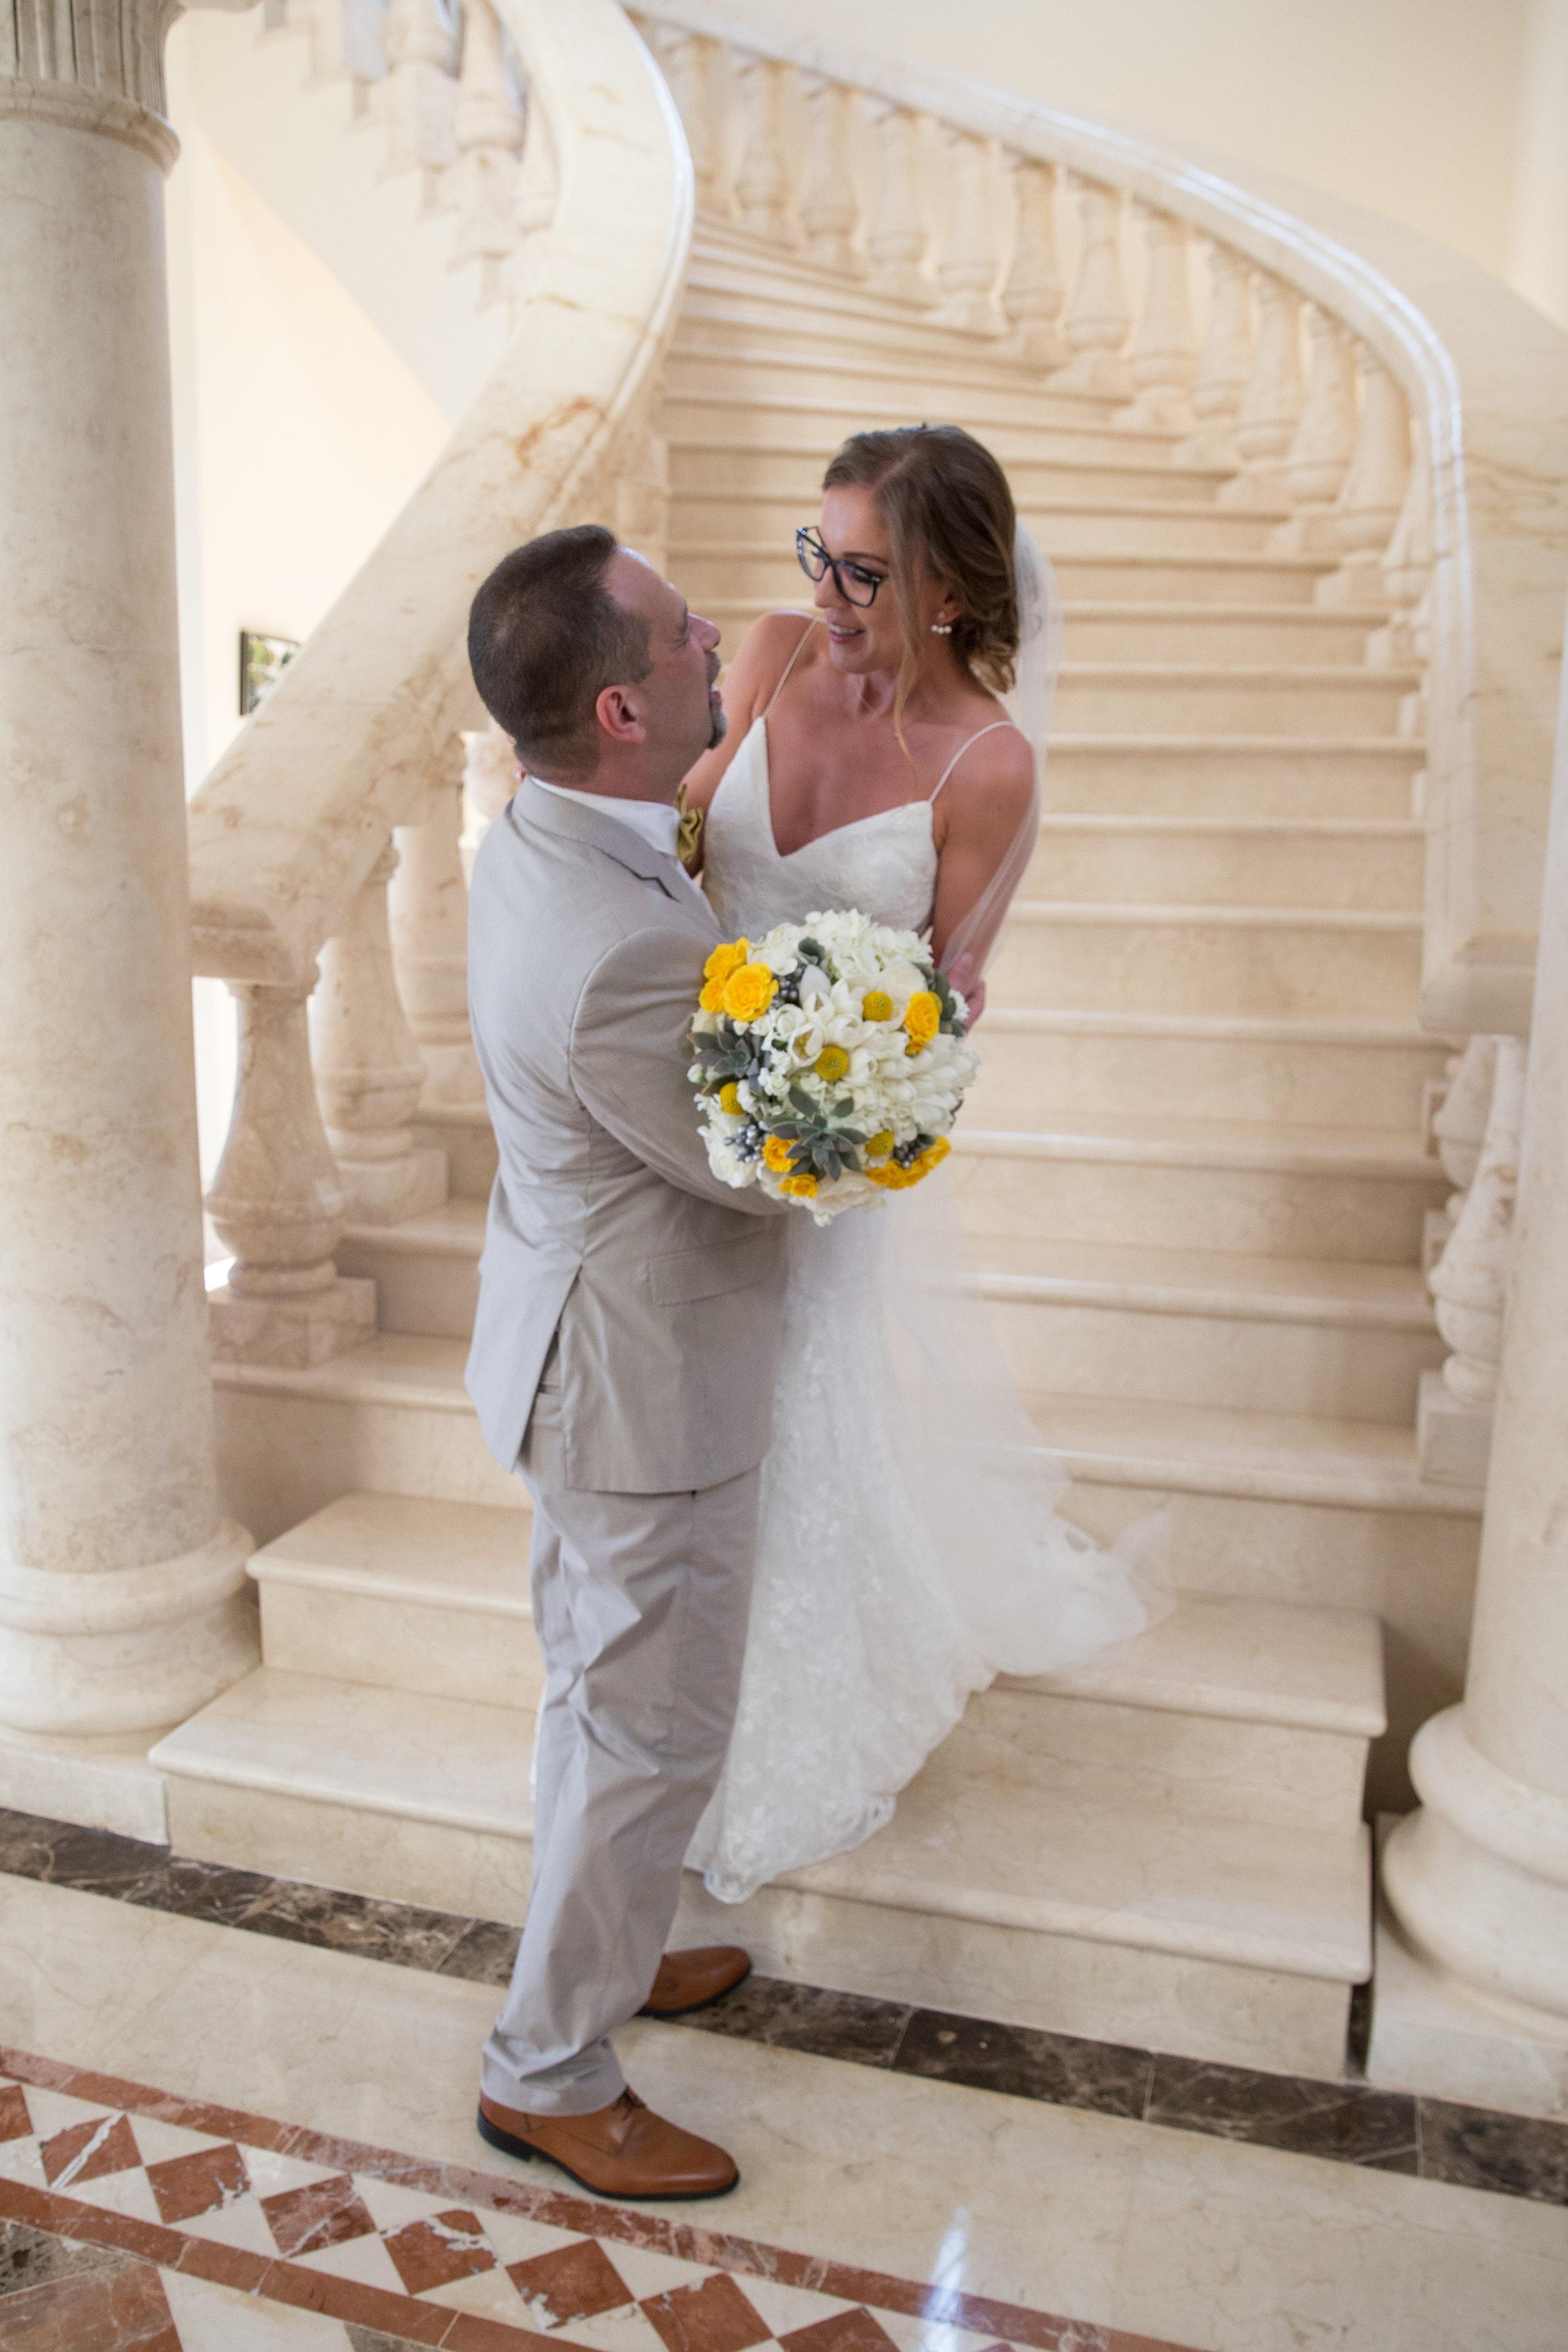 destination-wedding-venue-villa-la-joya-21.jpg